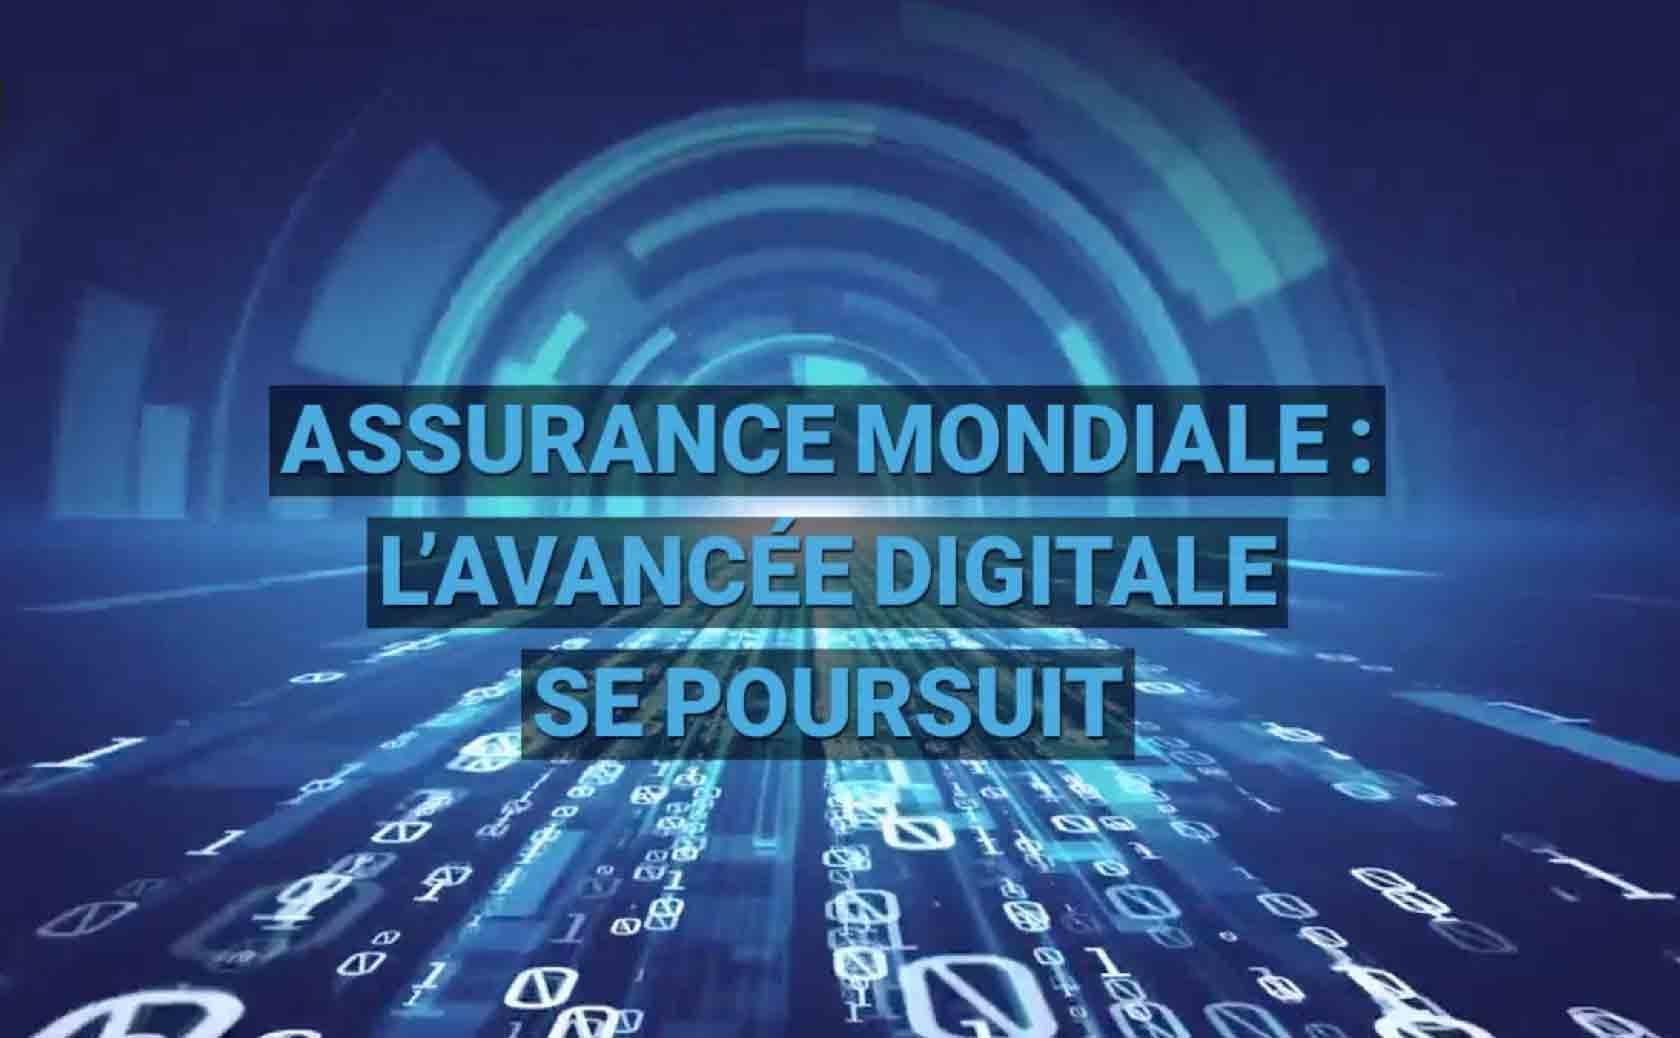 Story : L'avancée digitale de l'assurance se poursuit